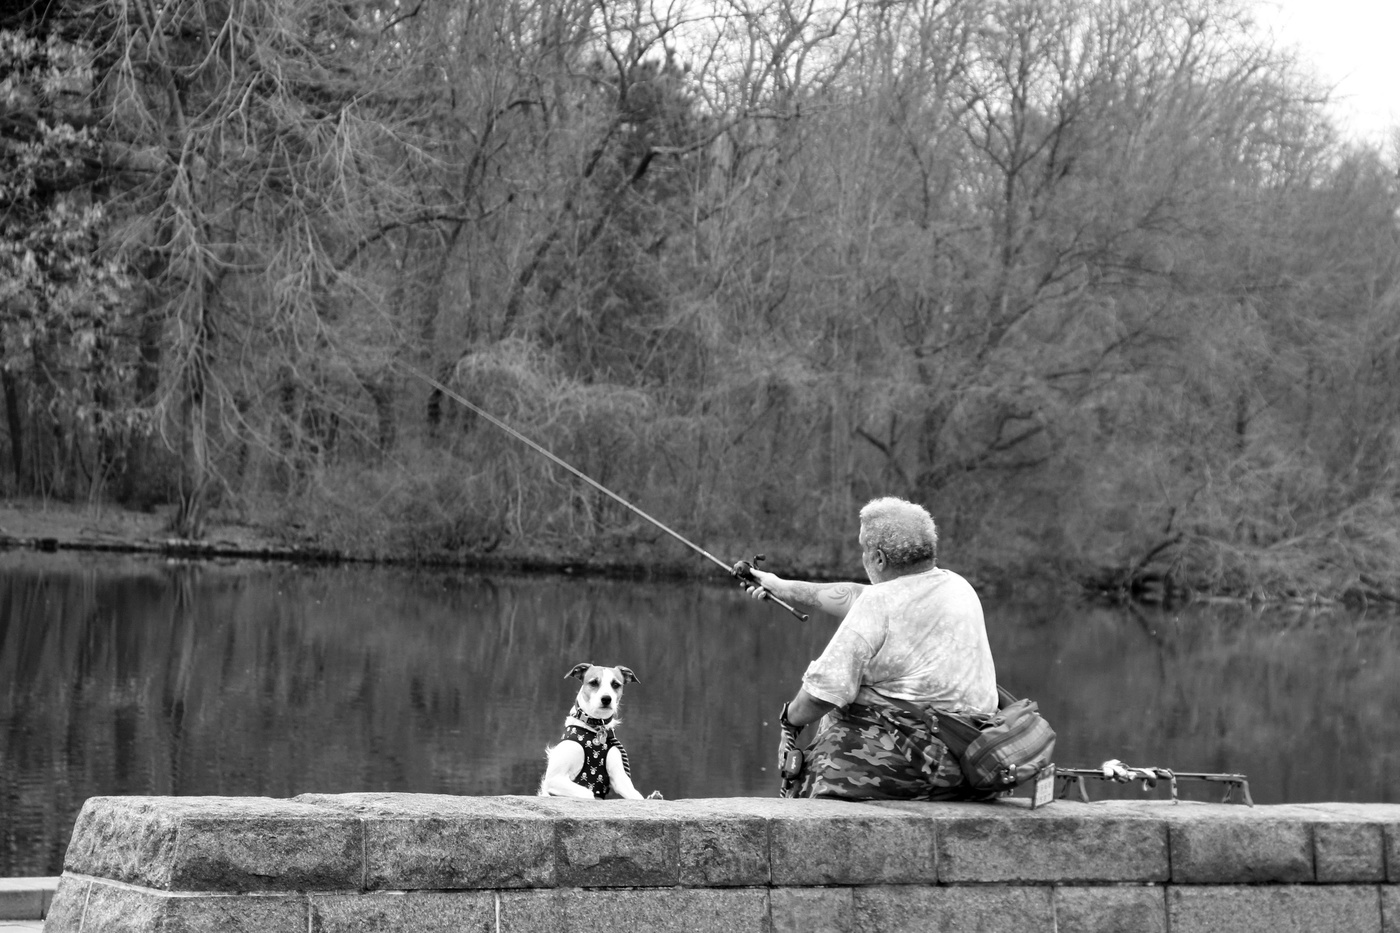 Футболки с картинками про рыбалку нормальный